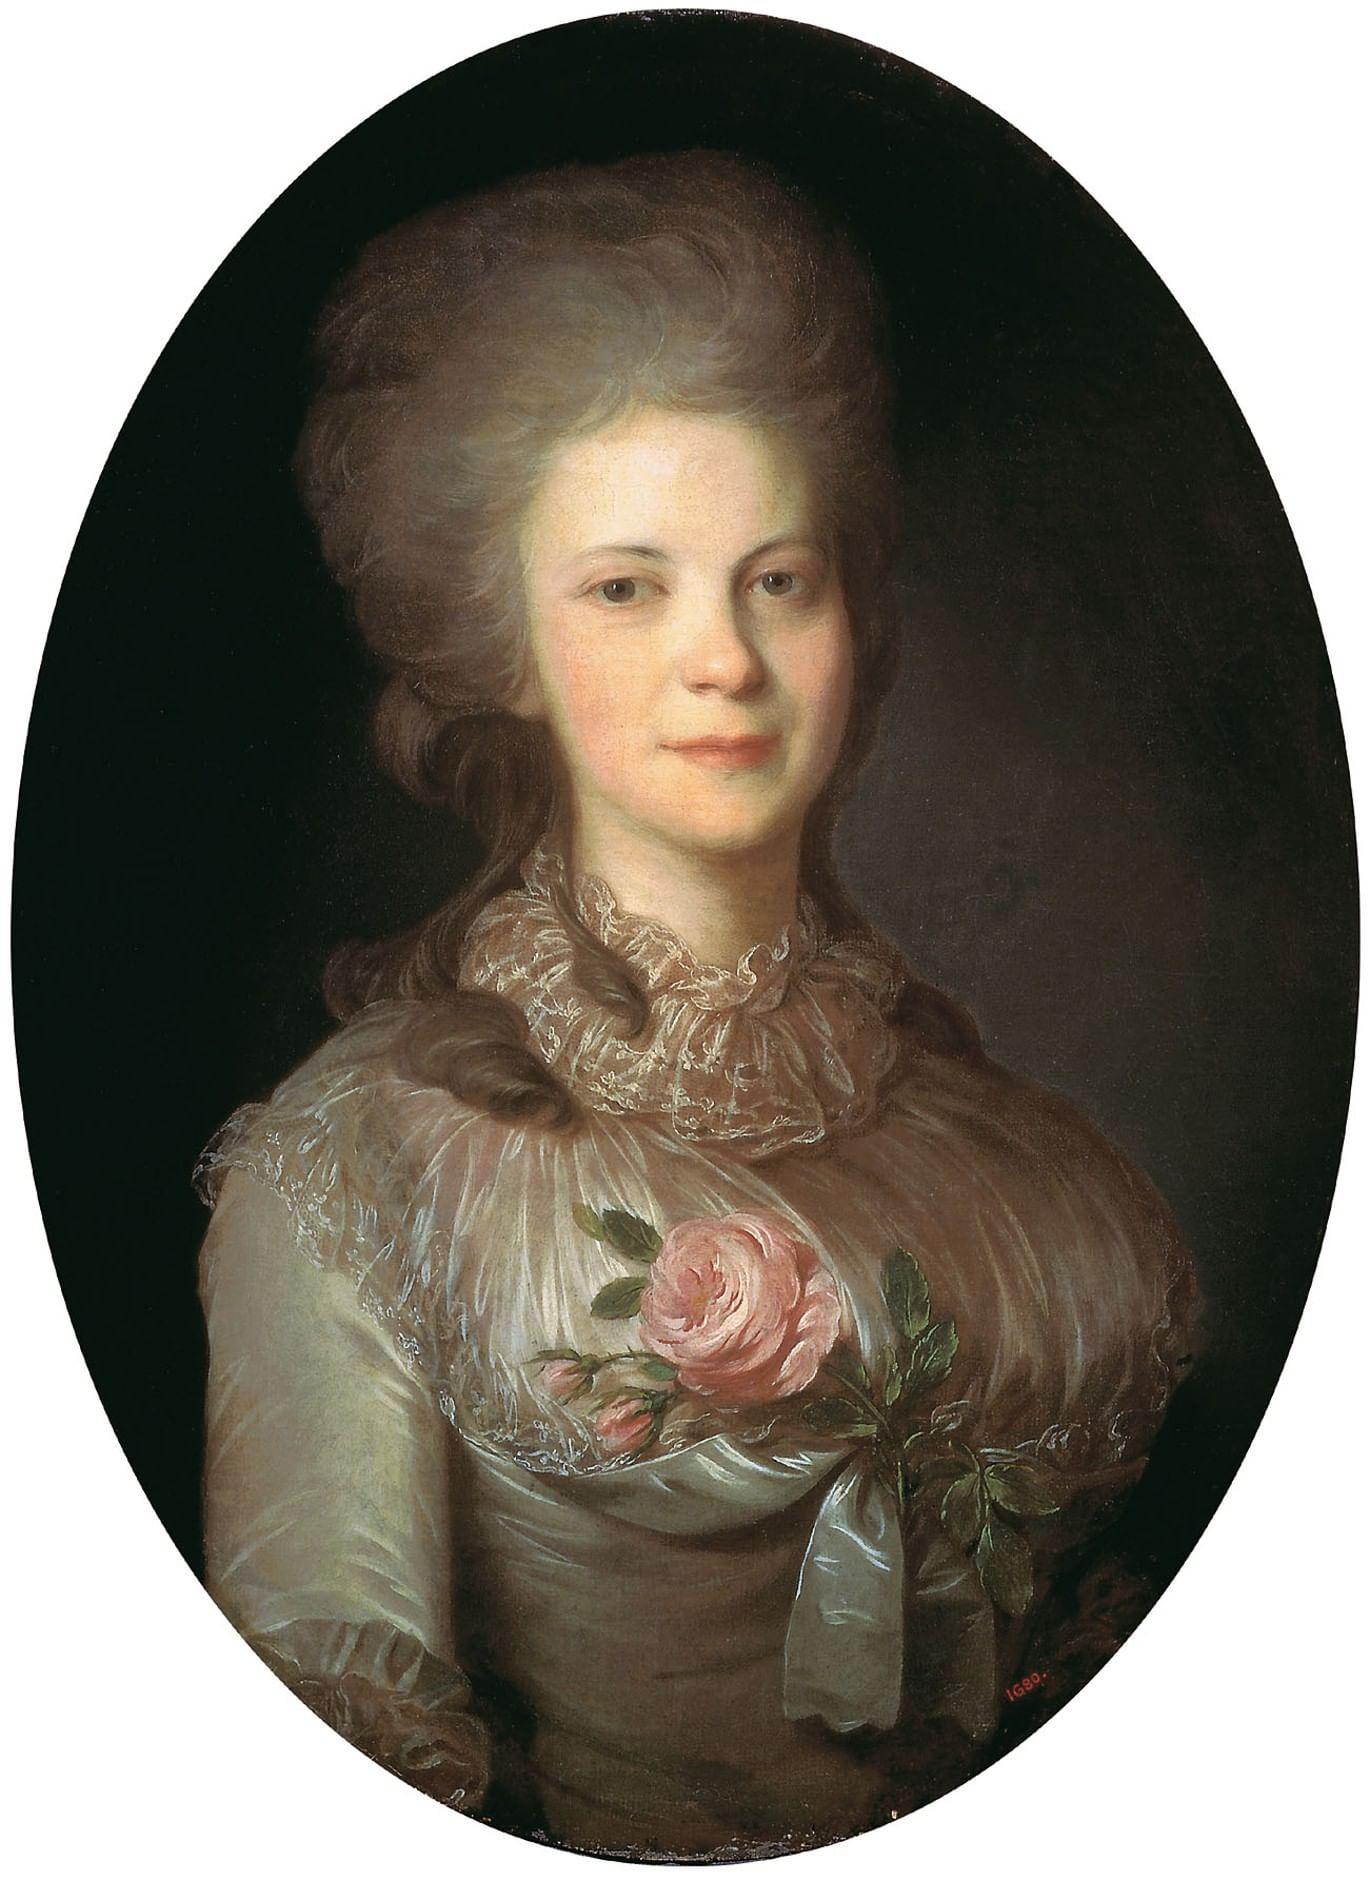 Самые красивые Варвары в русских портретах. Галерея 1